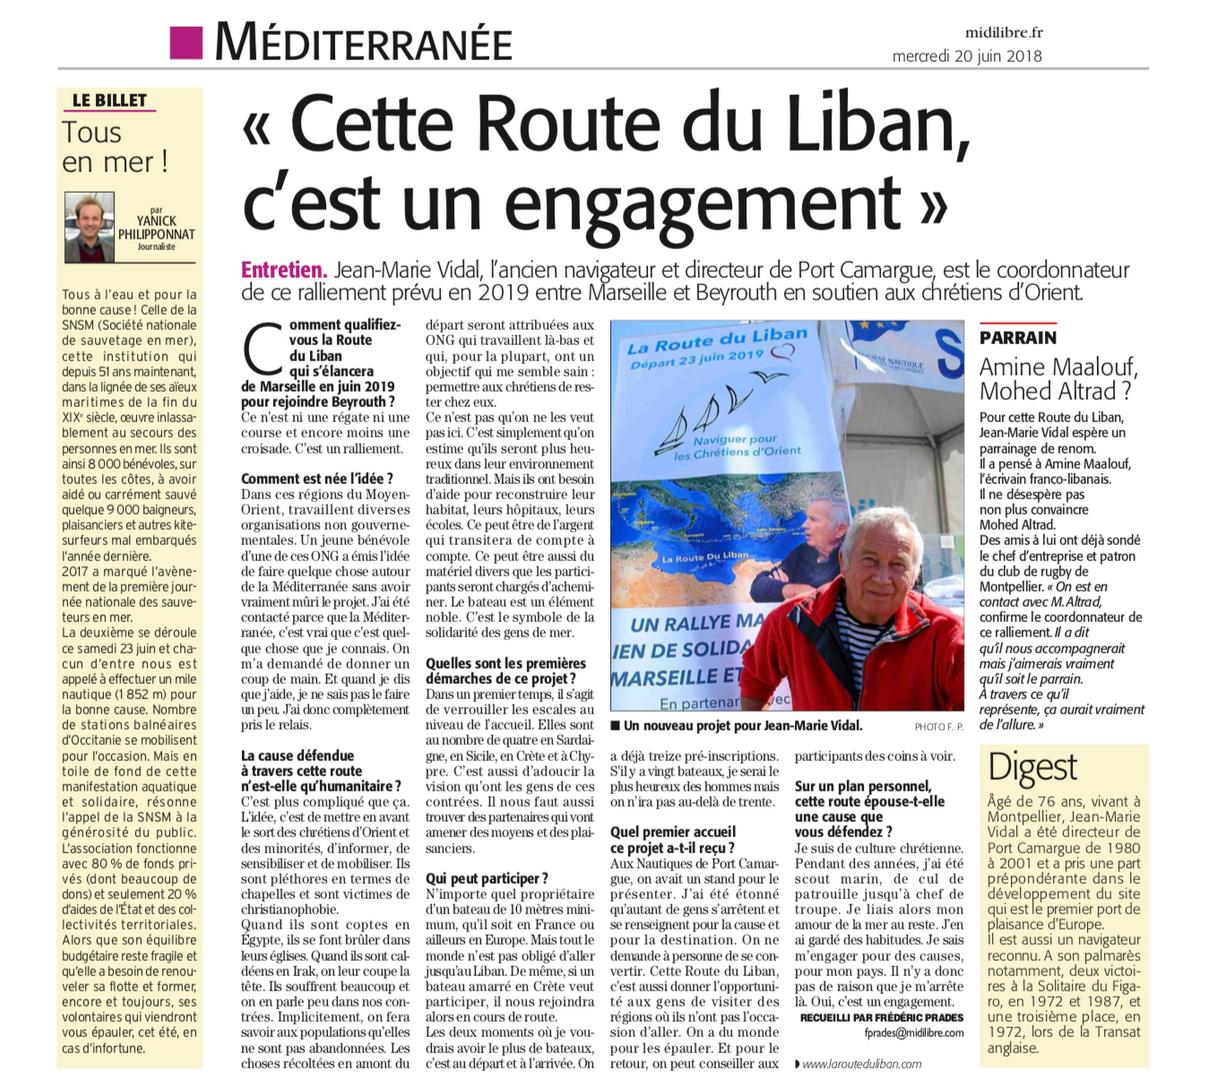 Midi Libre 20 juin 18.png